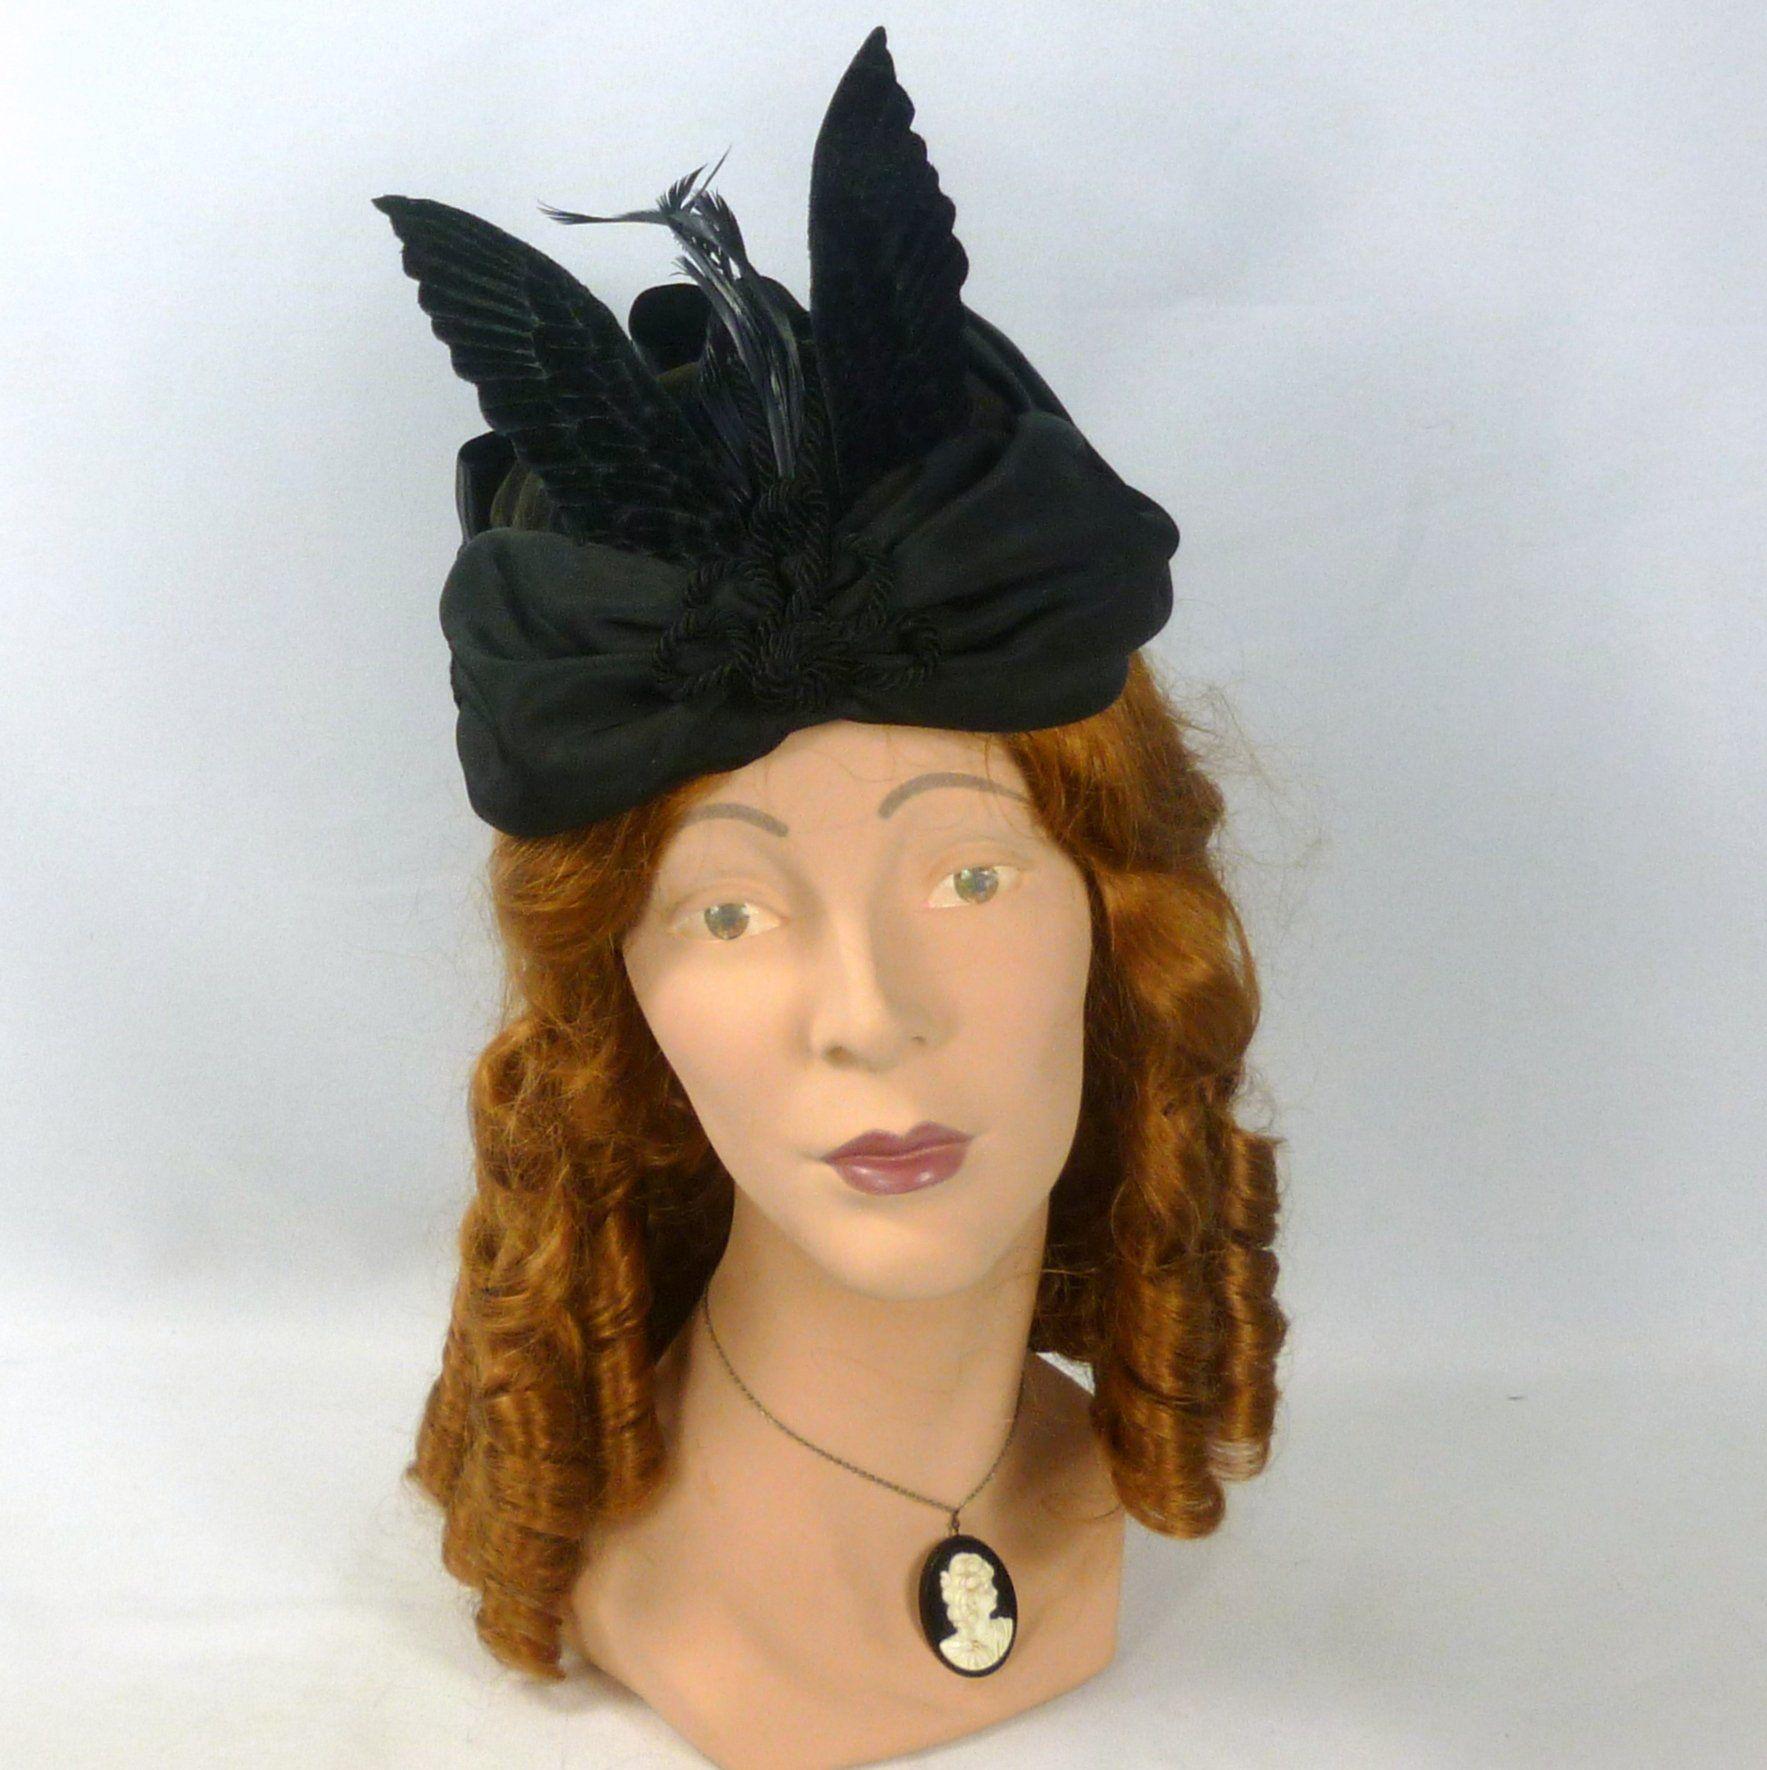 Victorian Style Bonnet Hat in Black - Silk Velvet - Velvet Wings -Ribbon  -Feathers -Vintage Black Passementerie - Civil War - Costume - SASS f812042b368